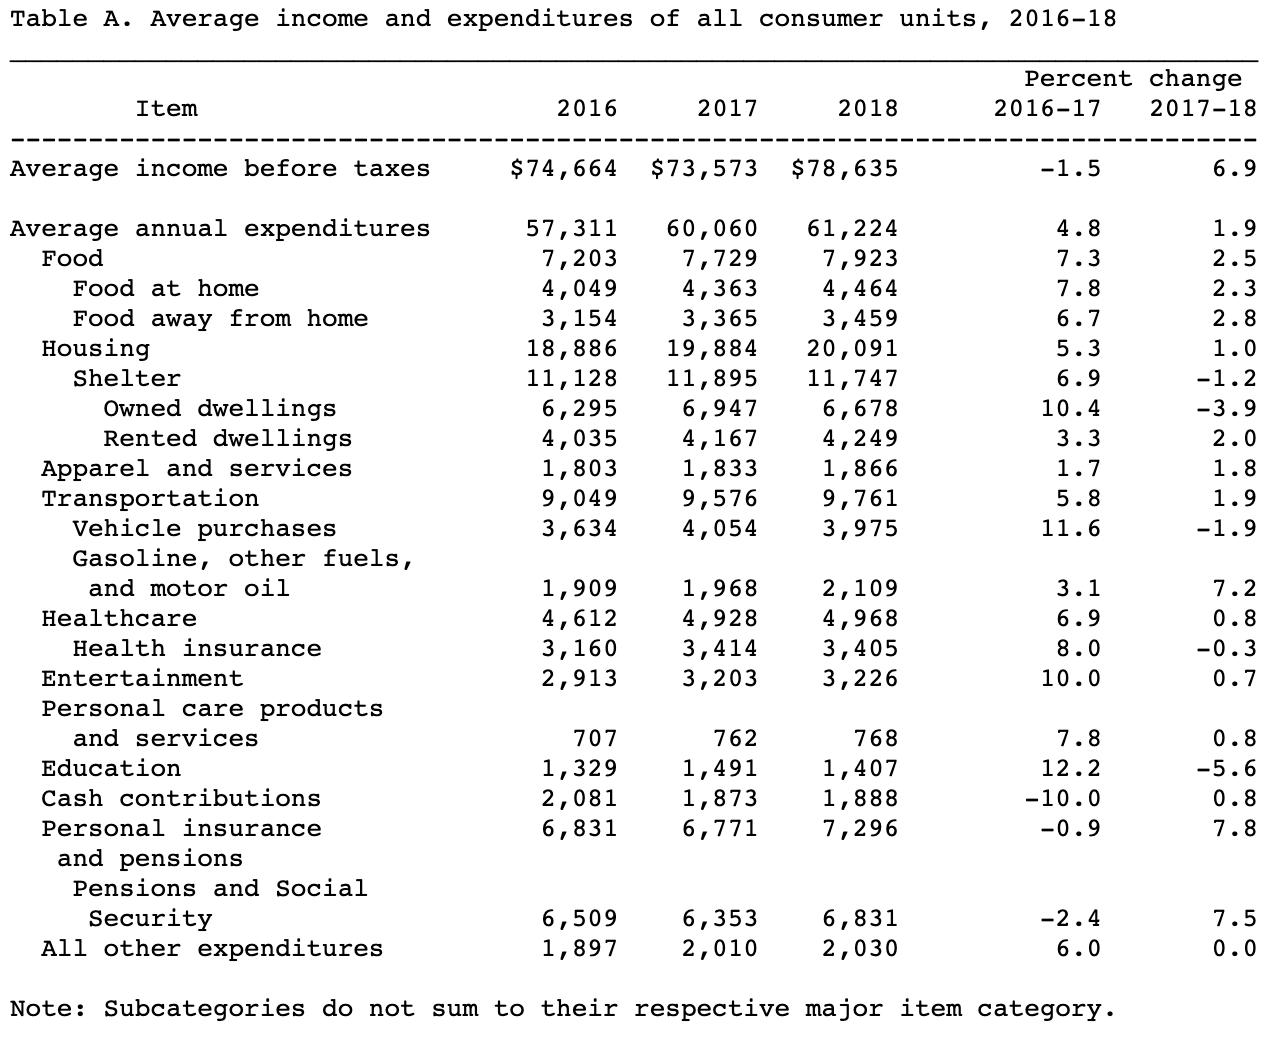 """https://www.financialsamurai.com/ """"class ="""" wp-image-93587 """"srcset ="""" https://www.financialsamurai.com/wp-content/uploads/2019/12/average-incoe-and-expenditure .png 1271w, https://www.financialsamurai.com/wp-content/uploads/2019/12/average-incoe-and-expenditure-350x286.png 350w, https://www.financialsamurai.com/wp-content /uploads/2019/12/average-incoe-and-expenditure-768x627.png 768w, https://www.financialsamurai.com/wp-content/uploads/2019/12/average-incoe-and-expenditure-612x500. png 612w """"size ="""" (larghezza massima: 1271px) 100vw, 1271px """"/></figure> <p>Con così tante voci nel budget di spesa, ho pensato che sarebbe stato interessante concentrarsi sulle quattro principali voci di spesa:</p> <ol> <li>alloggiamento</li> <li>Trasporti</li> <li>Cibo</li> <li>Assistenza sanitaria</li> </ol> <p><span id="""